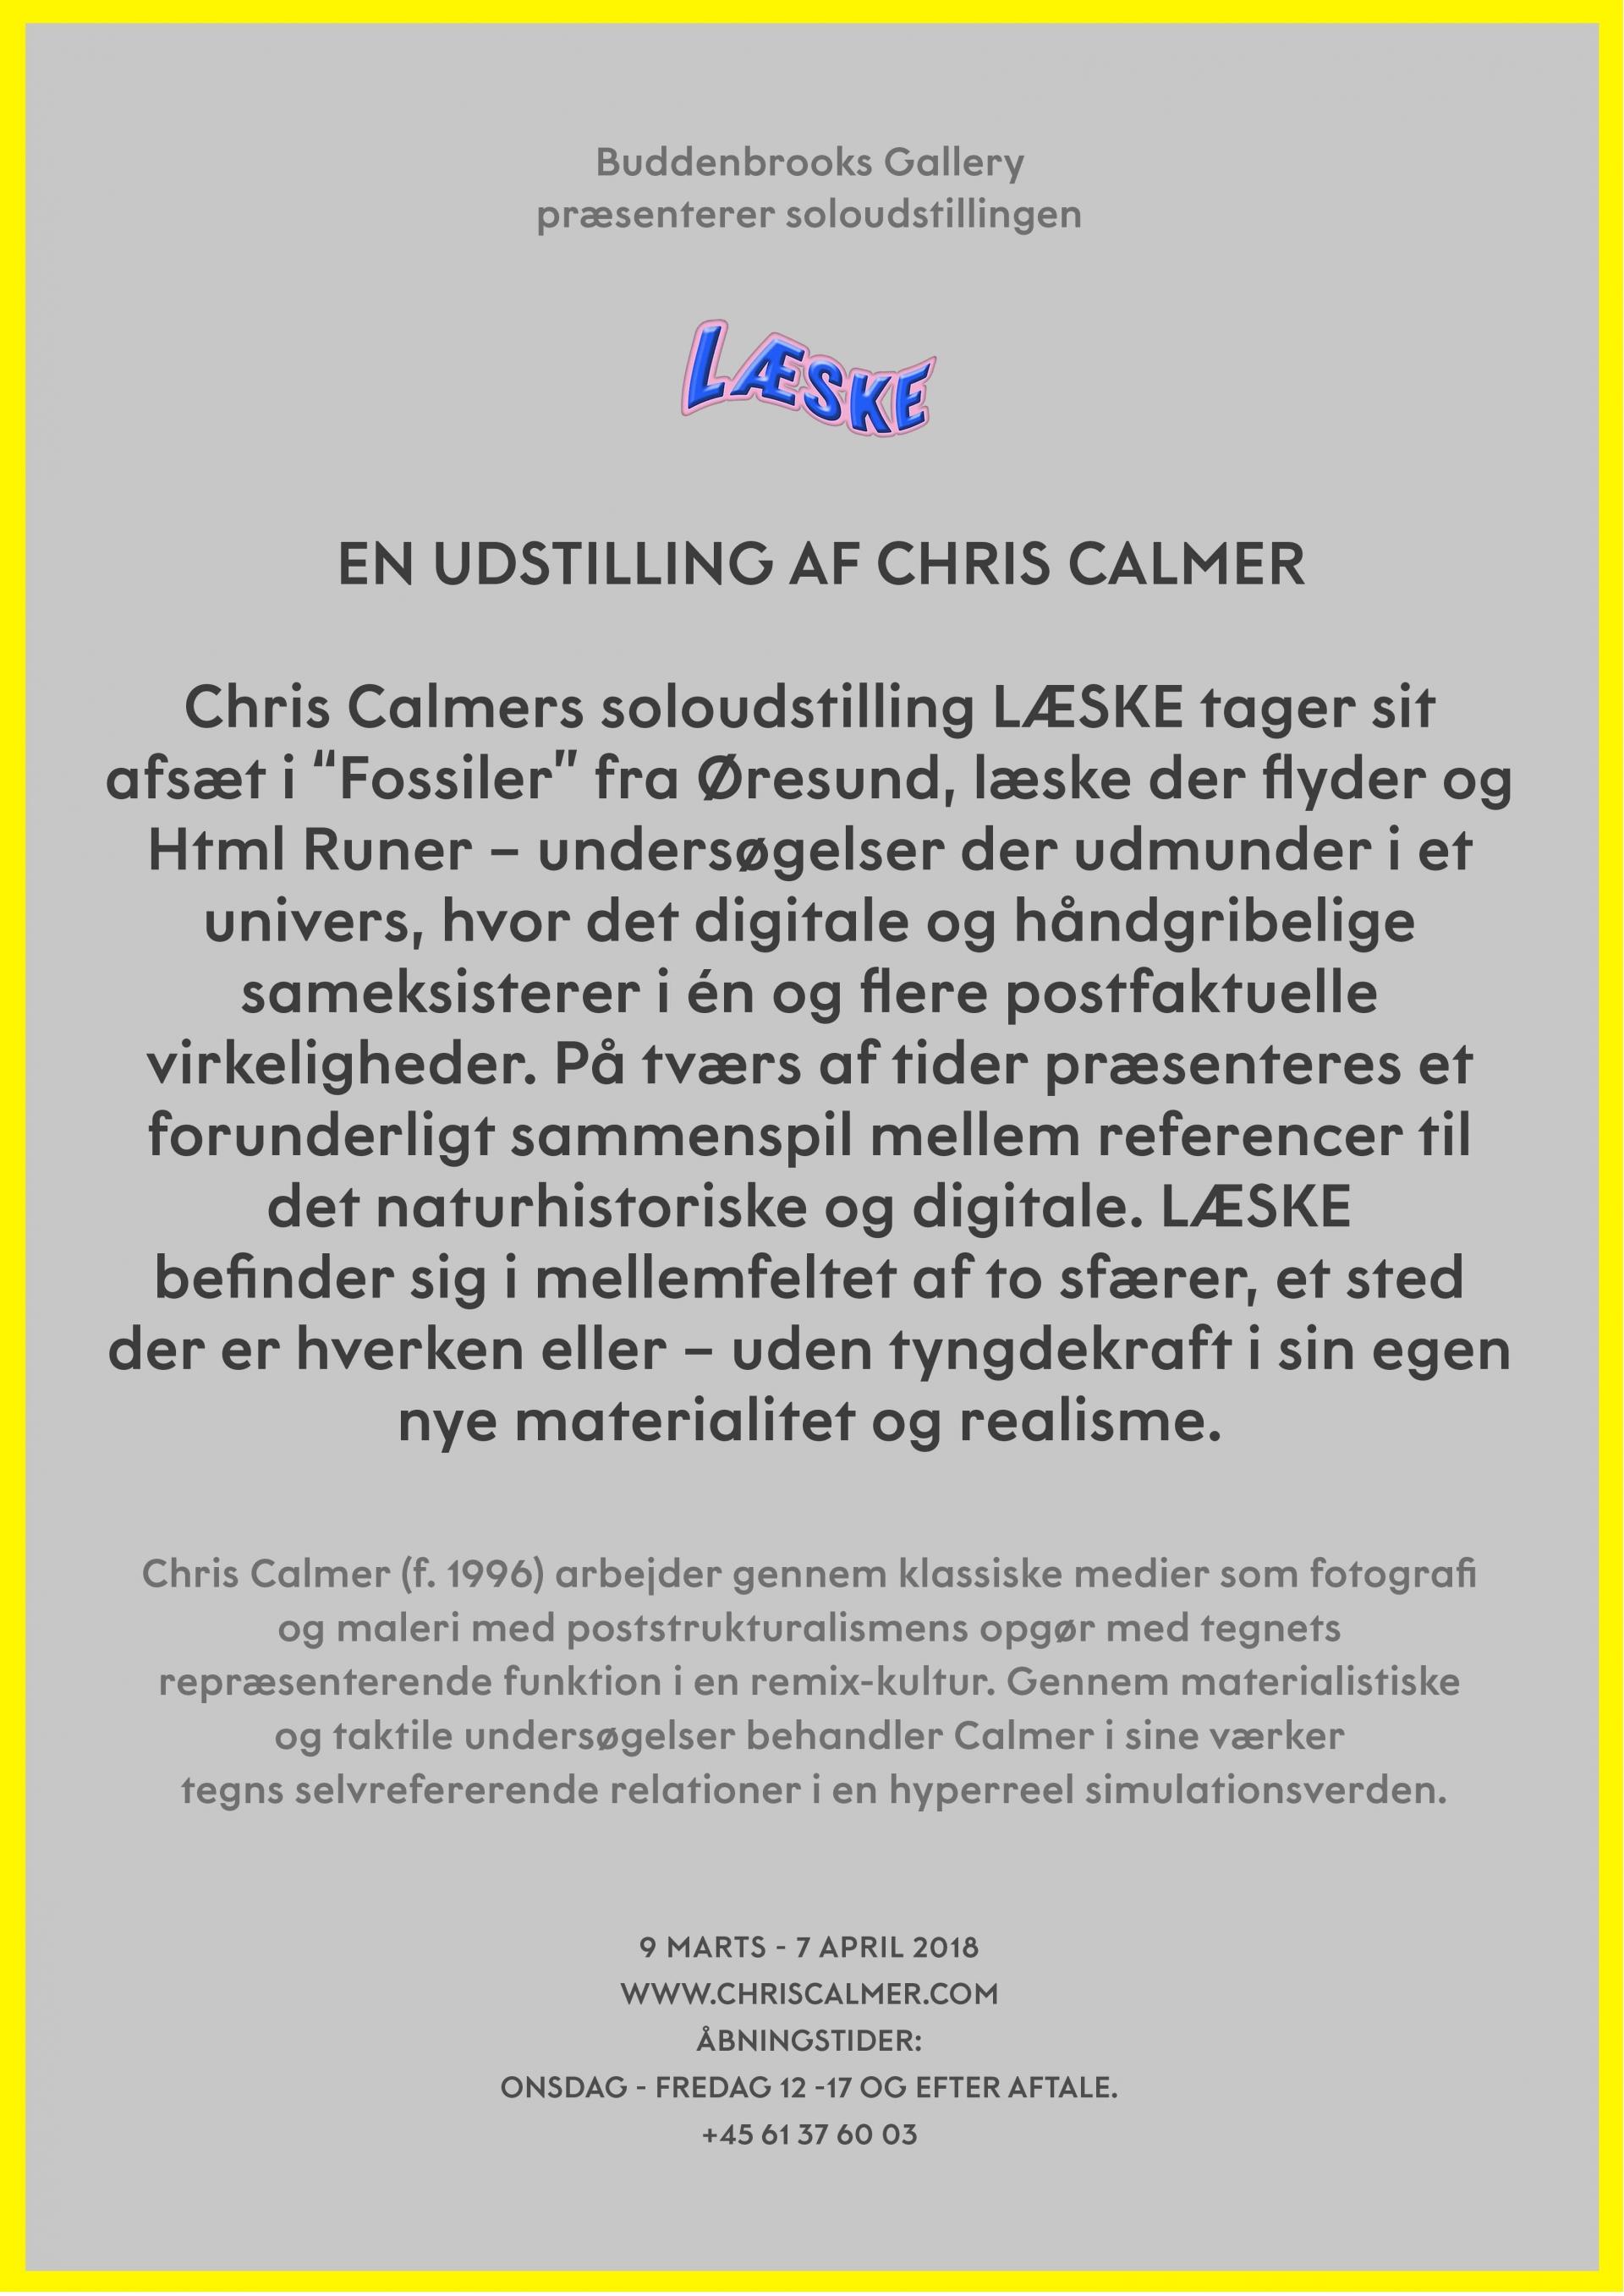 Chris Calmer